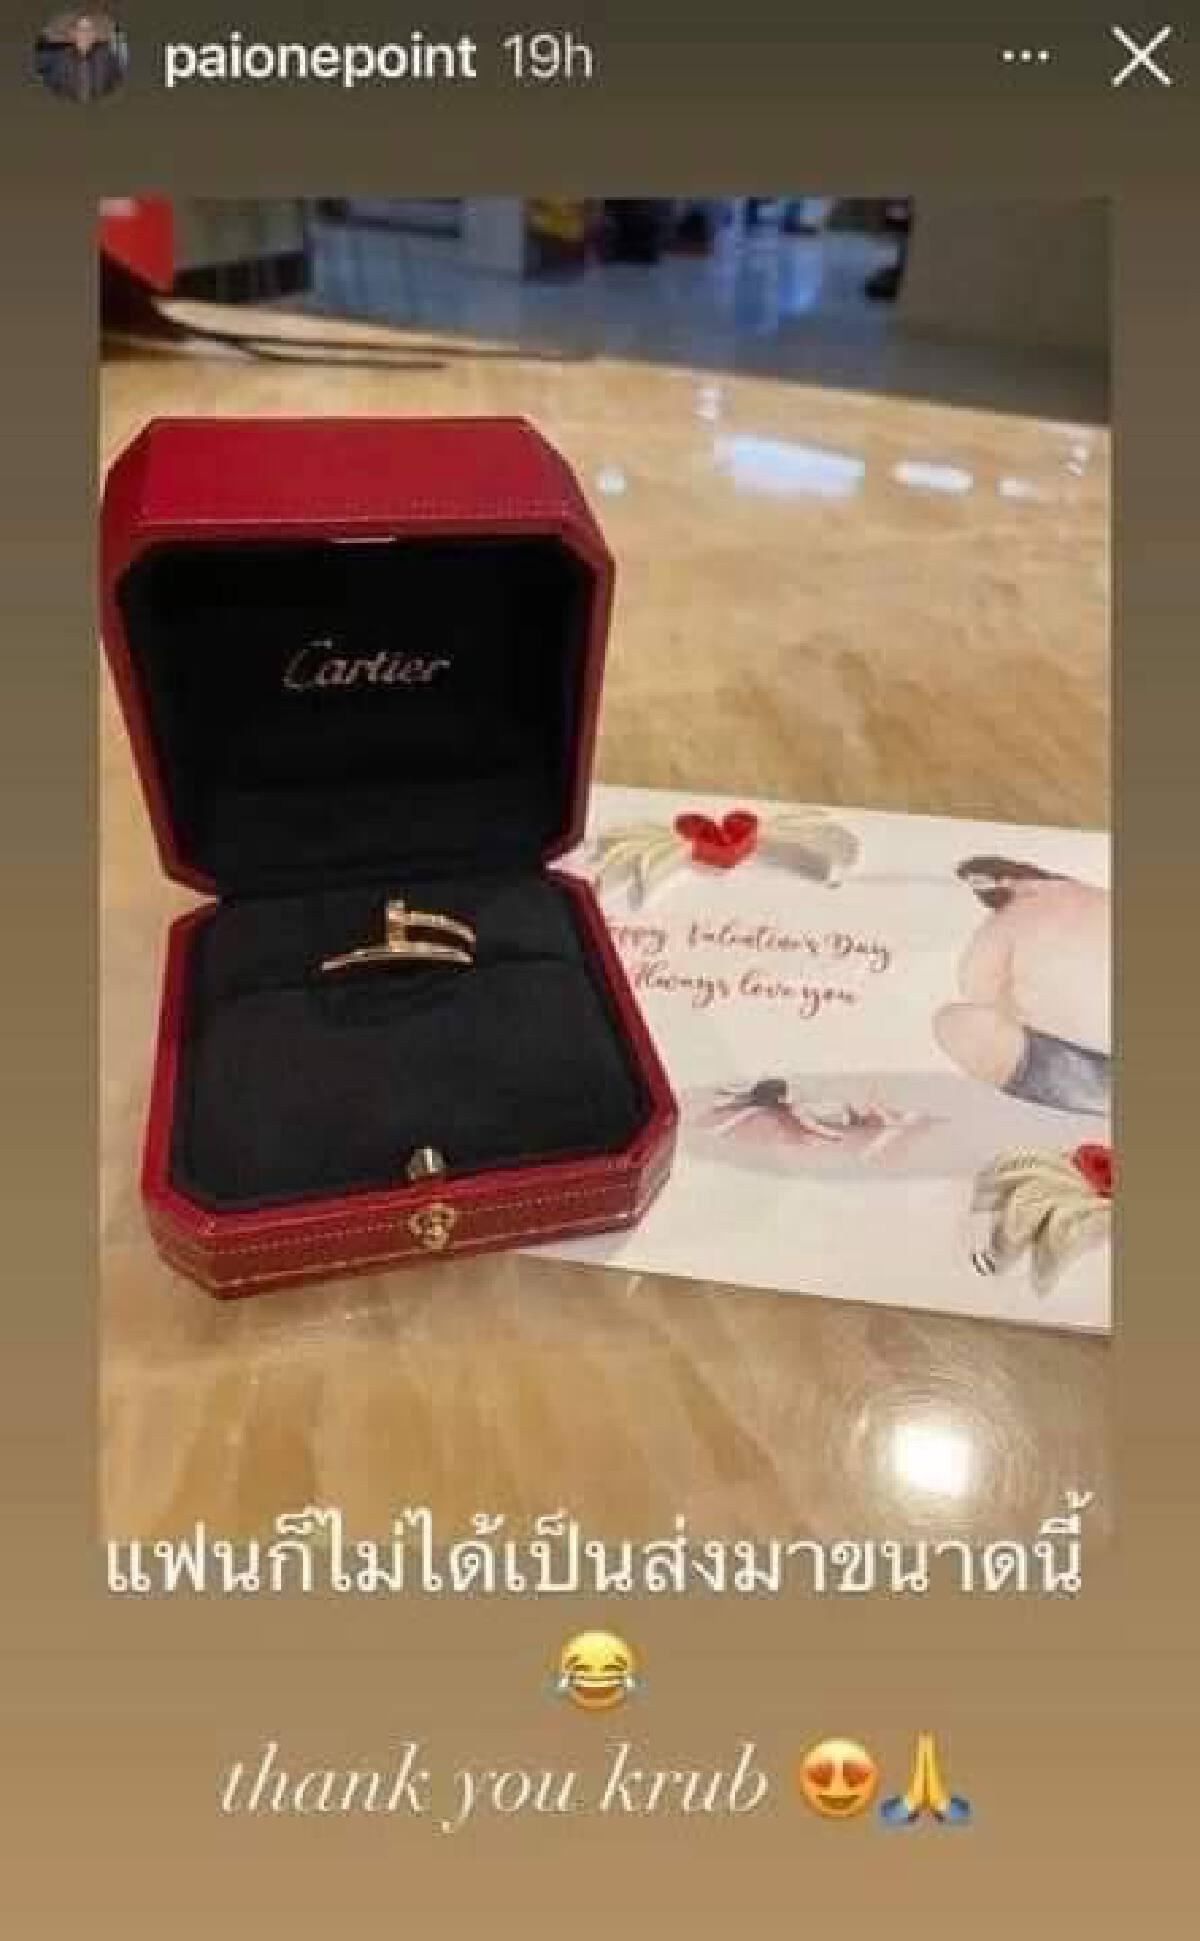 ดิว อริสรา จบไม่ดี! แฟนใหม่ตัดพ้อ ส่งแหวนให้ ไผ่ วันพอยท์ วงเดียวกับตน